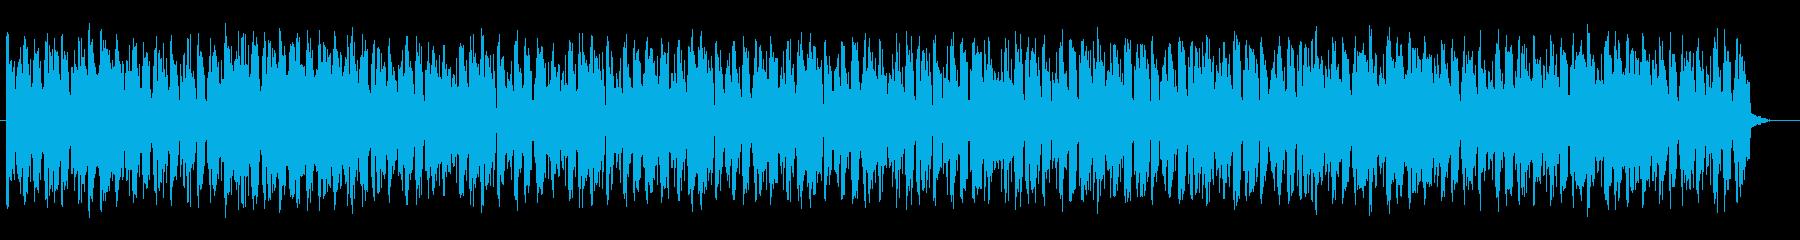 落ち着きのある大人なジャズの曲の再生済みの波形